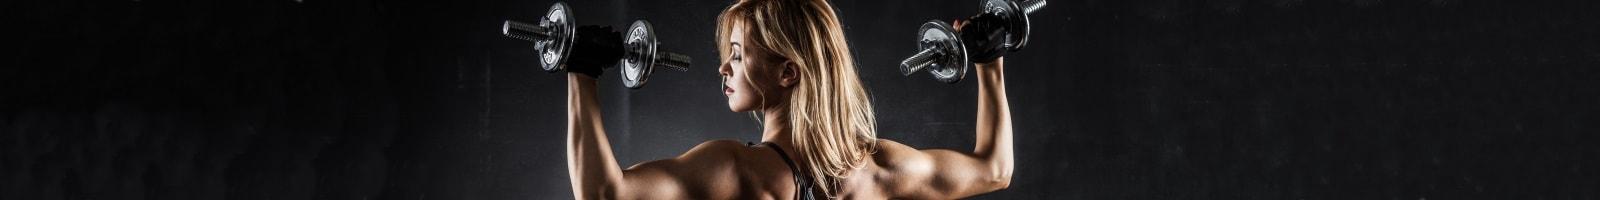 fitness-girl-slider-min